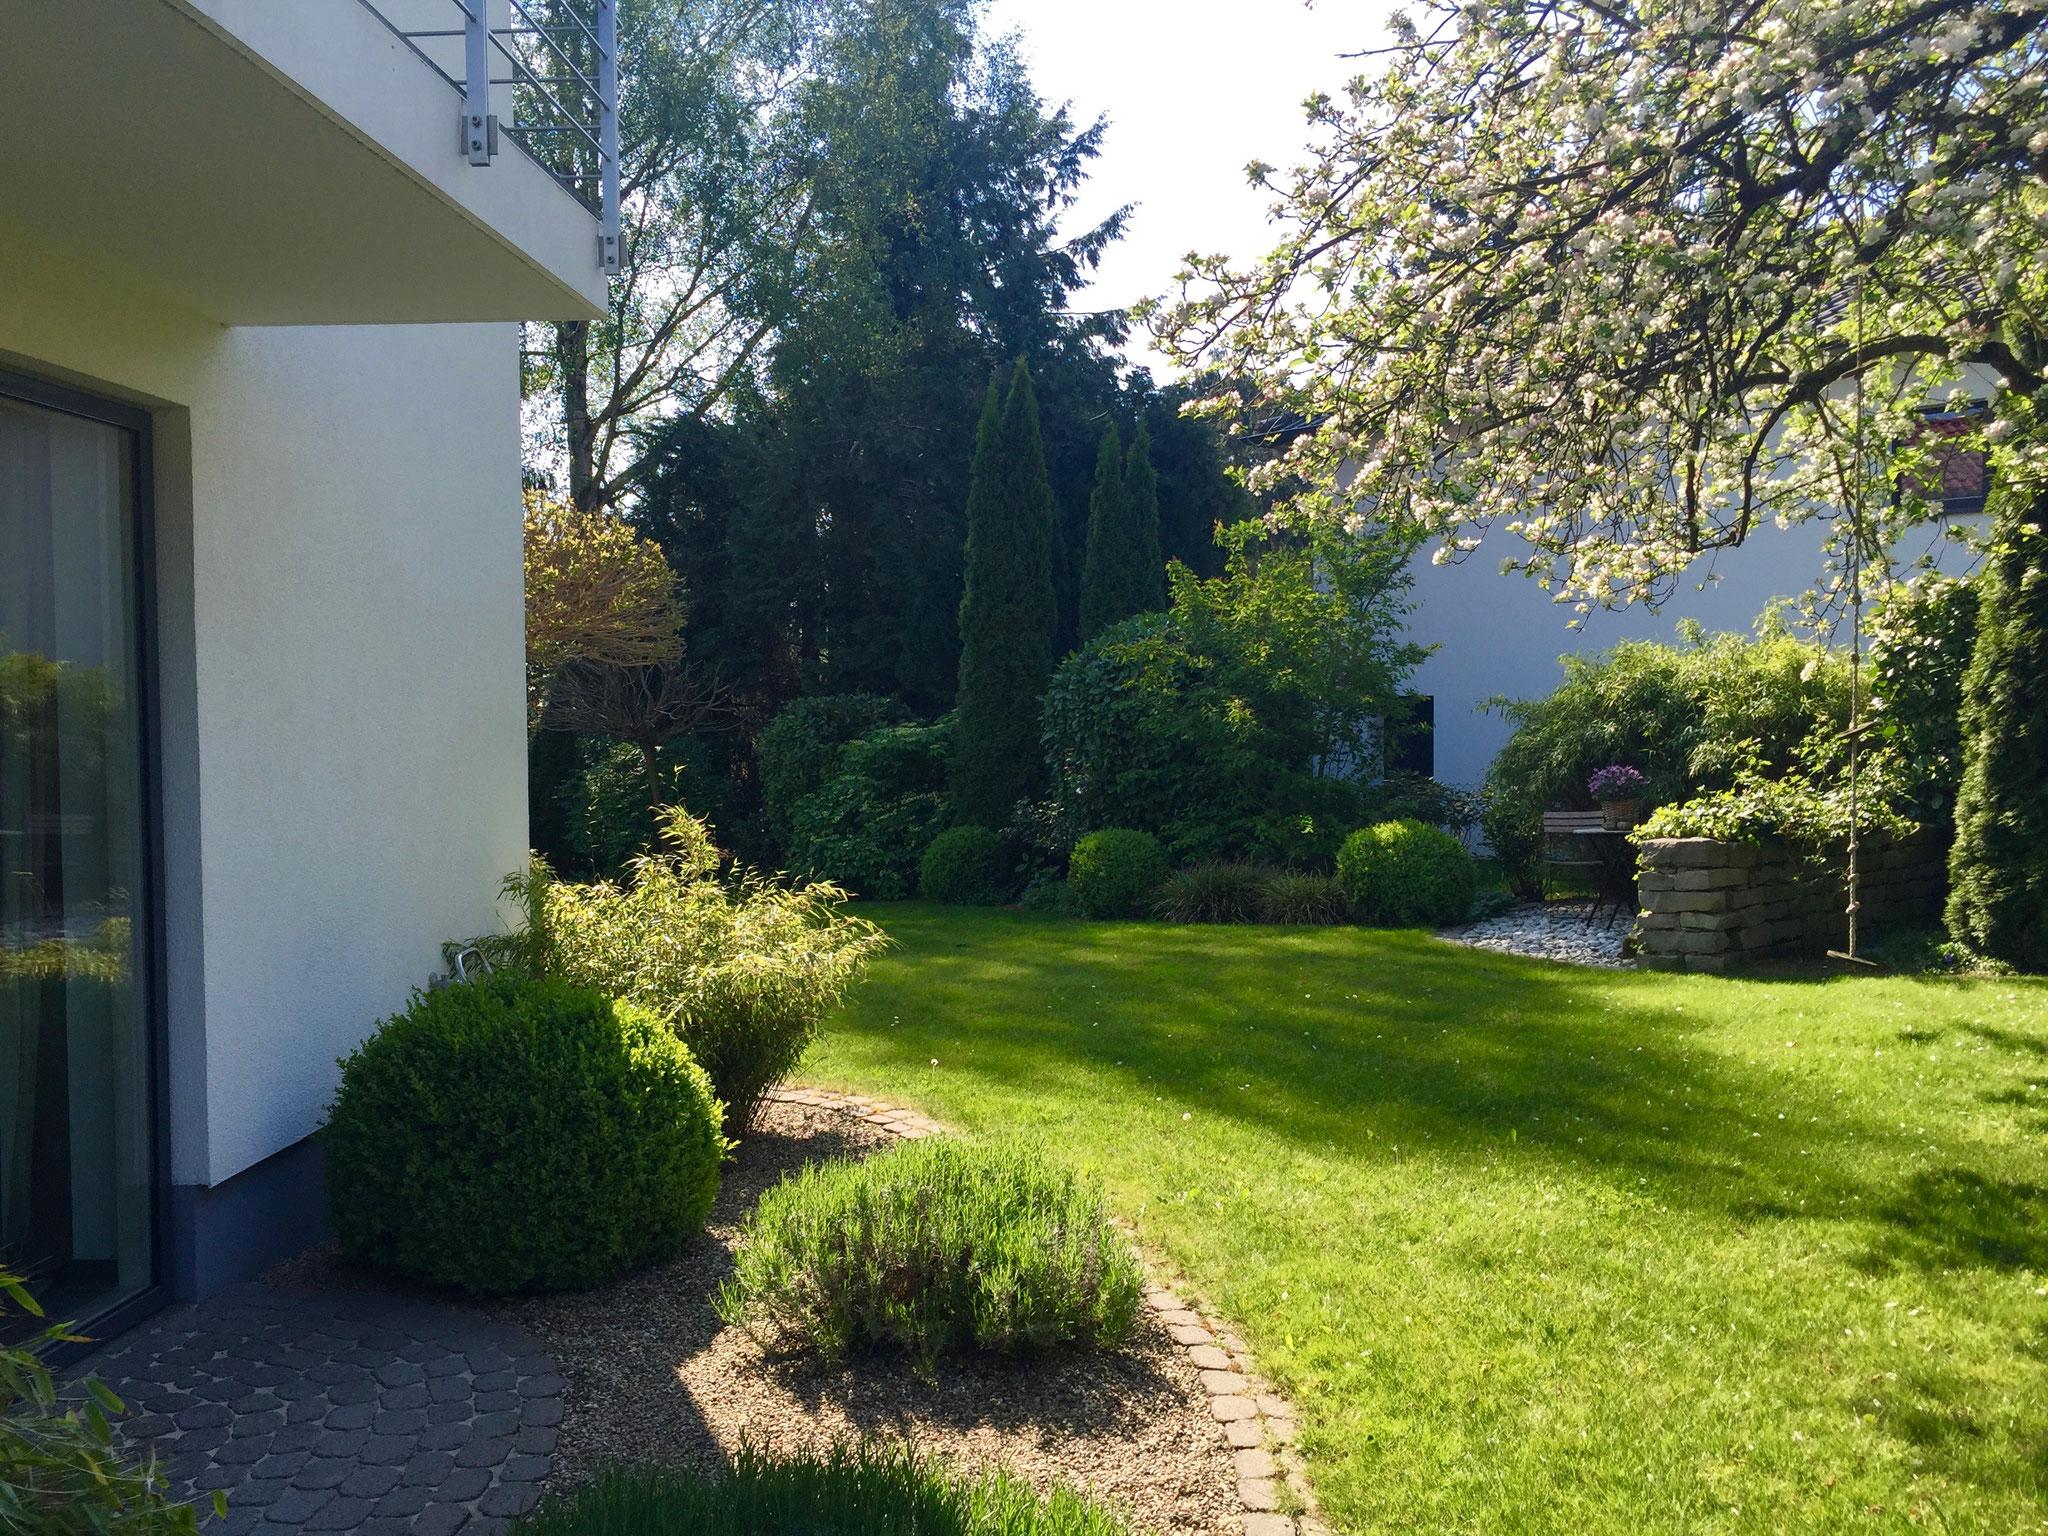 Einfamilienhausgarten 19